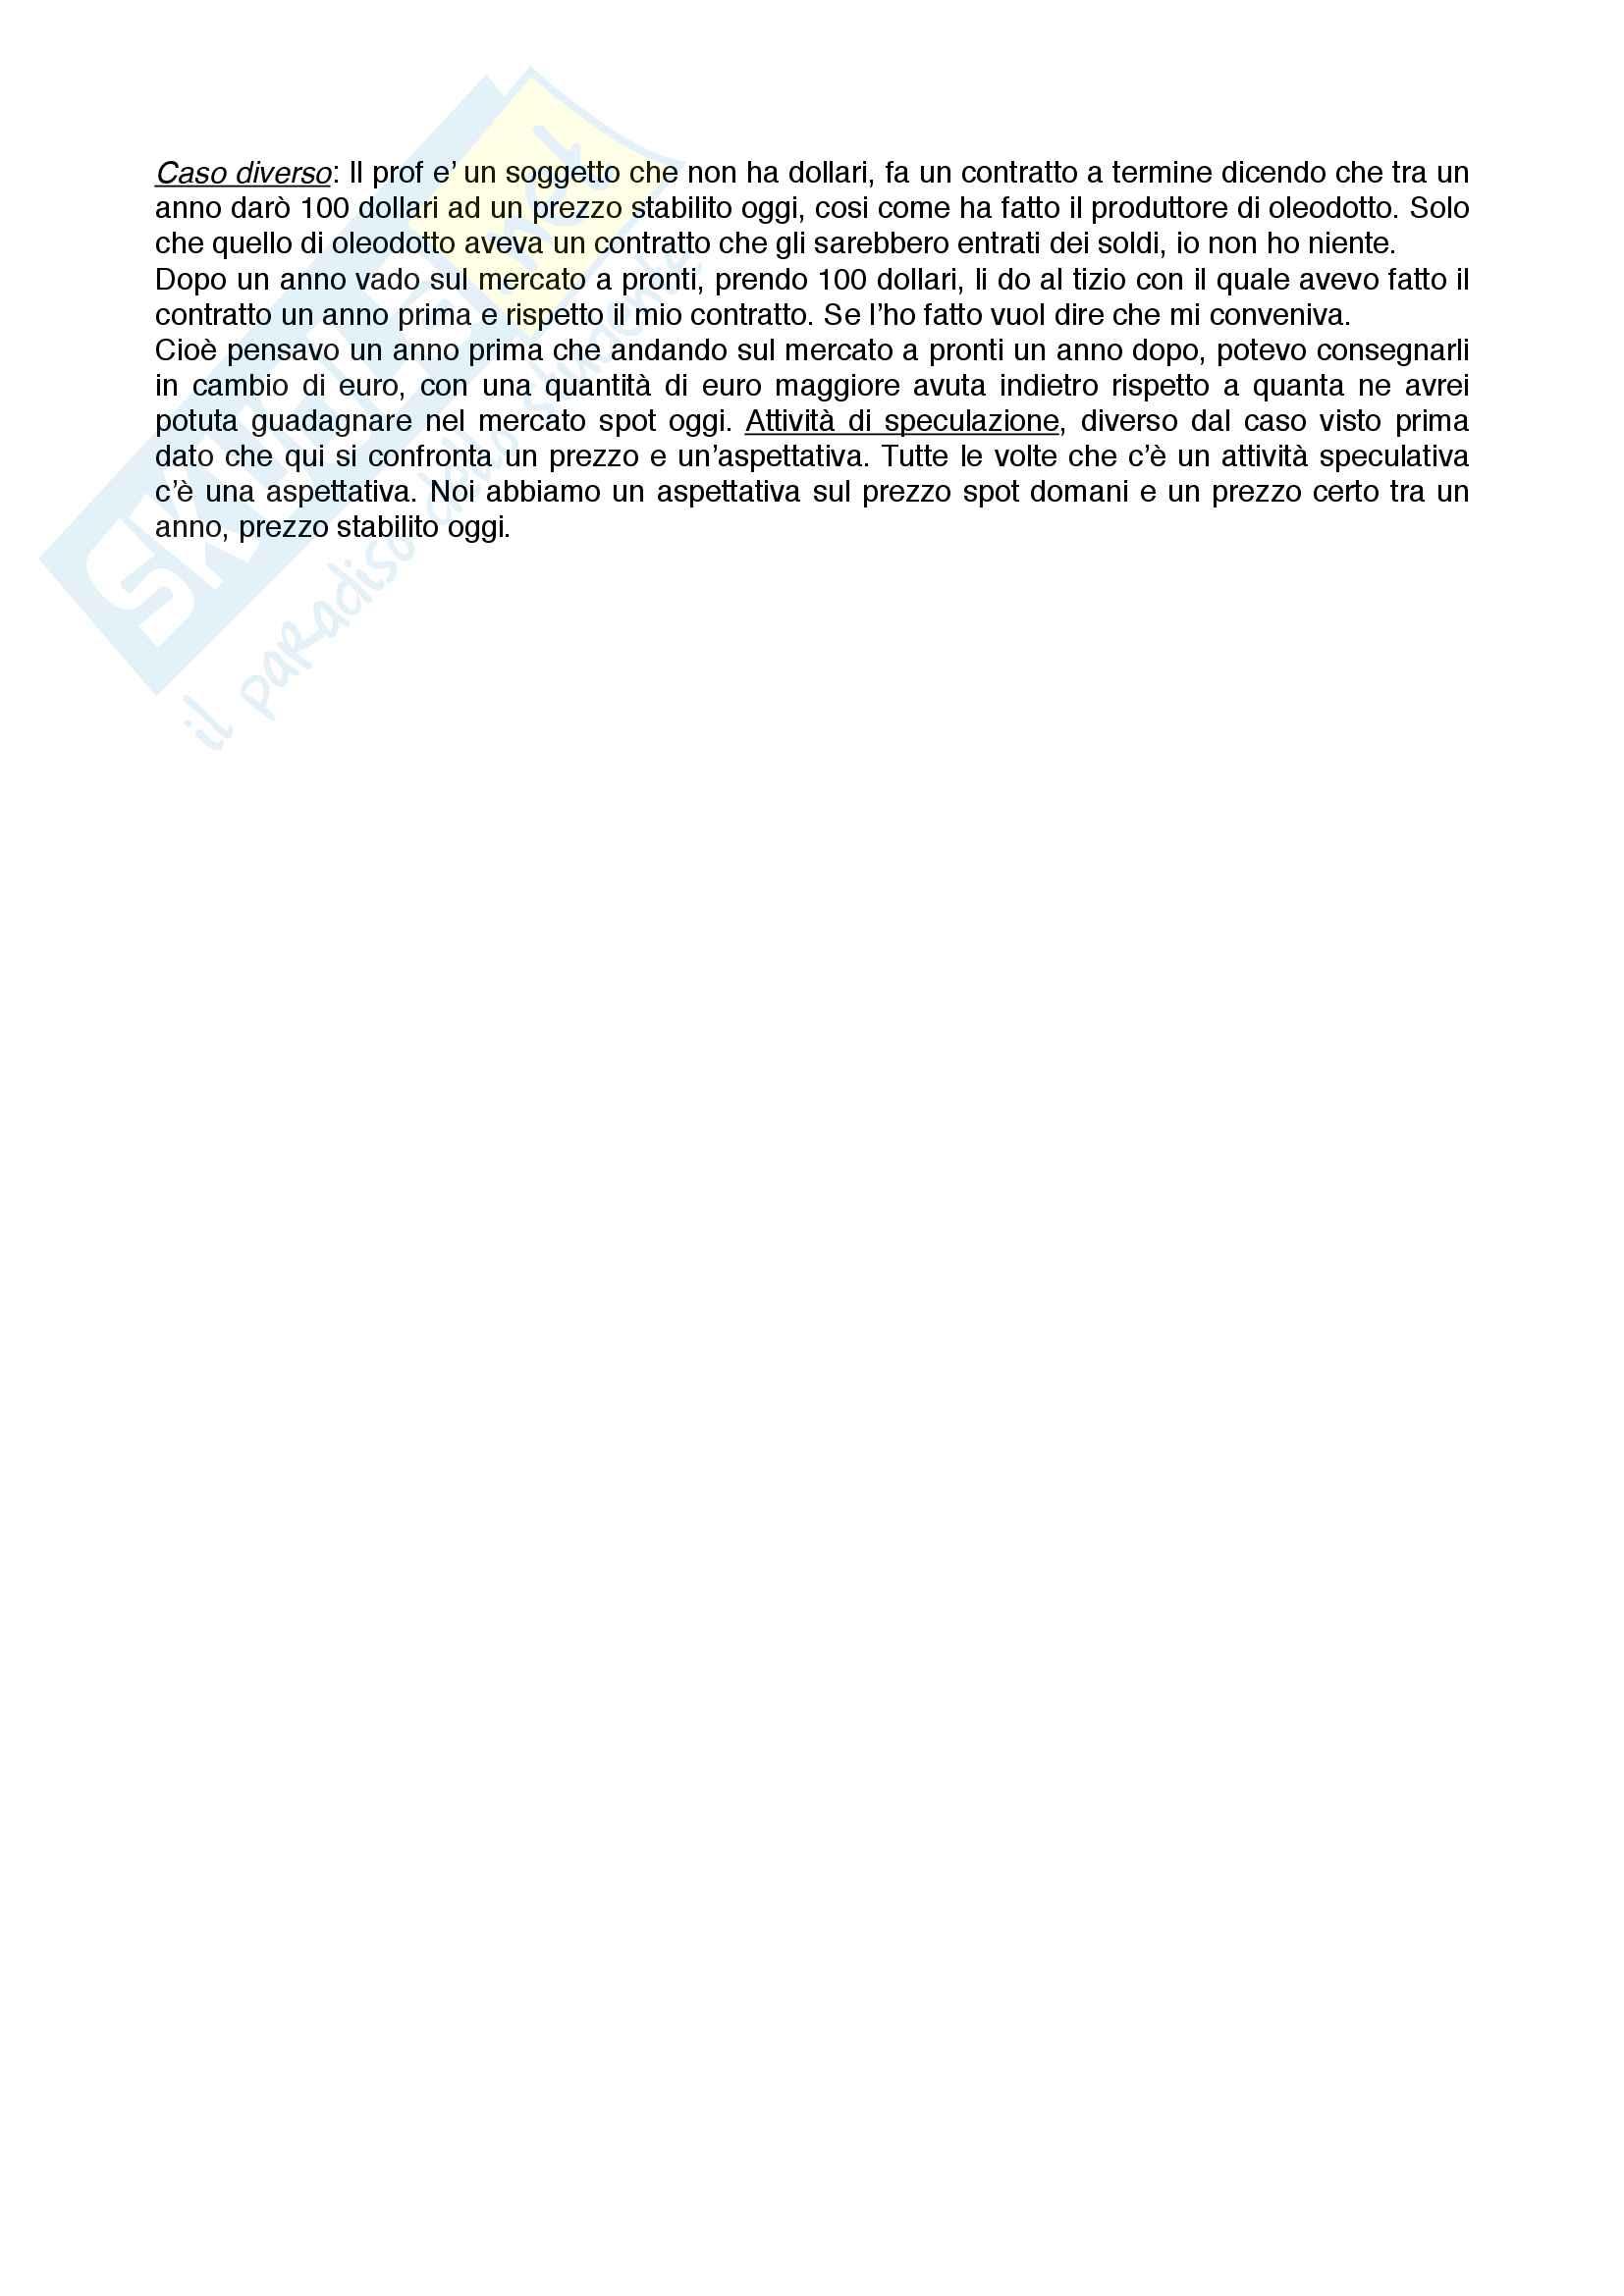 Riassunto Politica Monetaria - Ciccarone Pag. 31